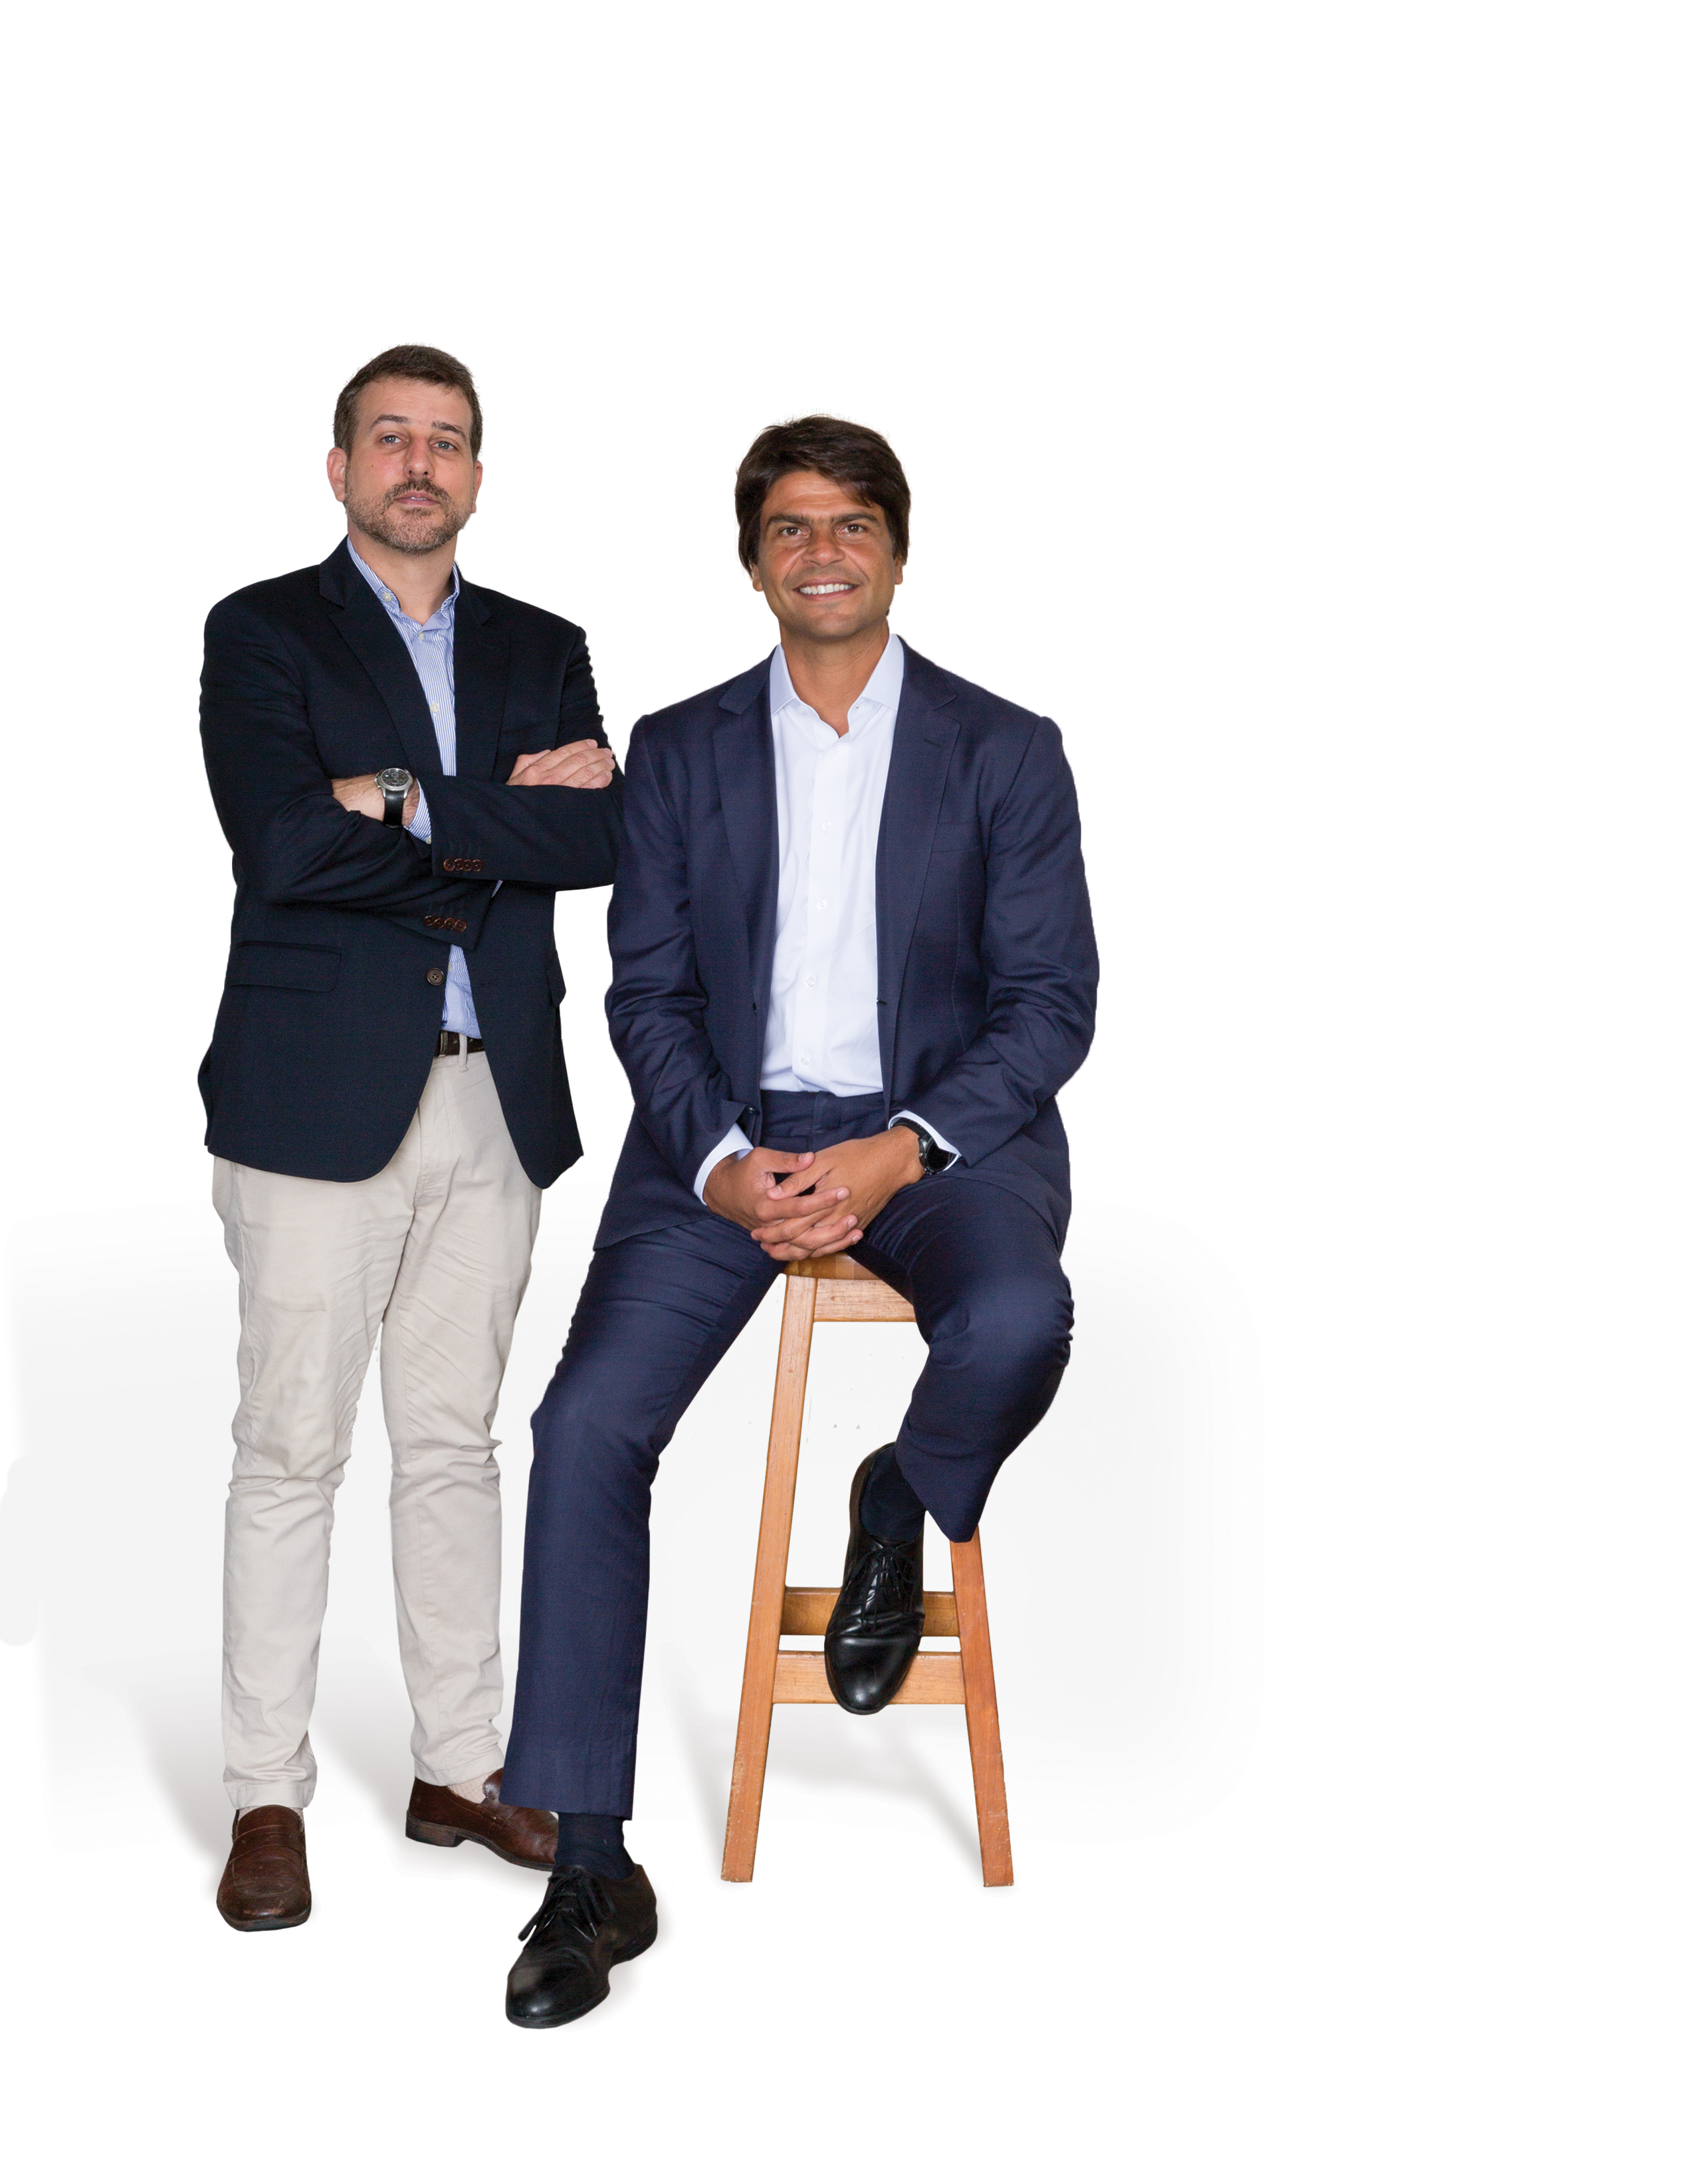 Os pesos-pesados: desde o início dos trabalhos de transição, Daniel Soranz (Saúde) e Pedro Paulo(Fazenda e Planejamento) não têm trégua. Colaboradores de gestões passadas, eles encaram duas pastas que acumulam problemas e desafios